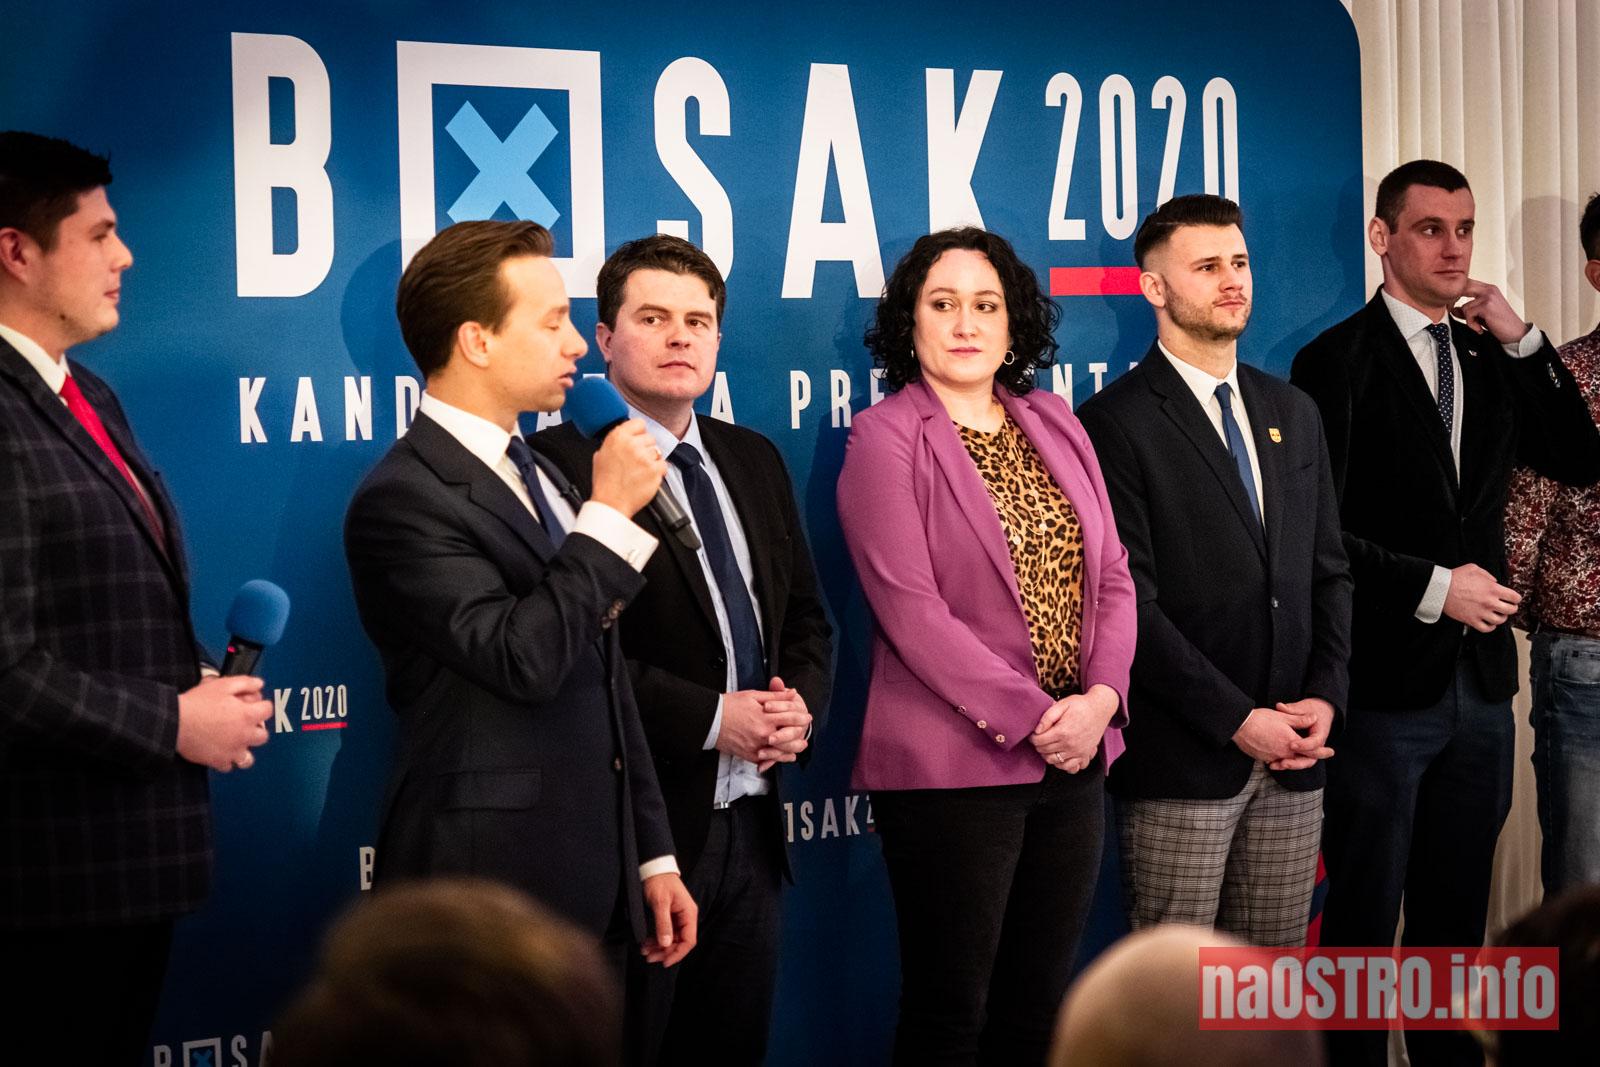 NaOSTRO Bosak2020-15